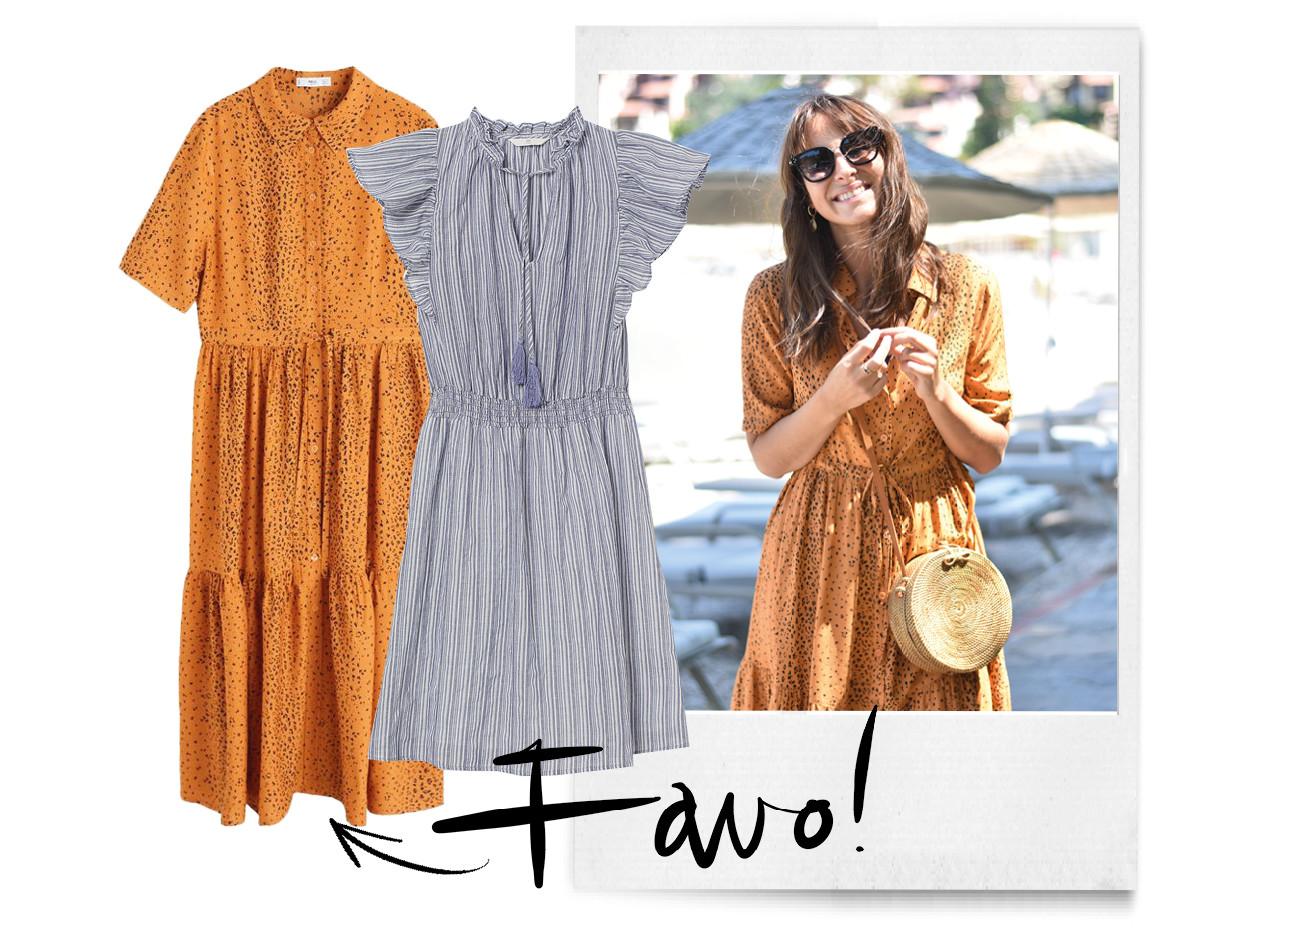 lilian brijl in een jurkje met een zonnebril, twee jurkjes als voorbeeld, polaroid